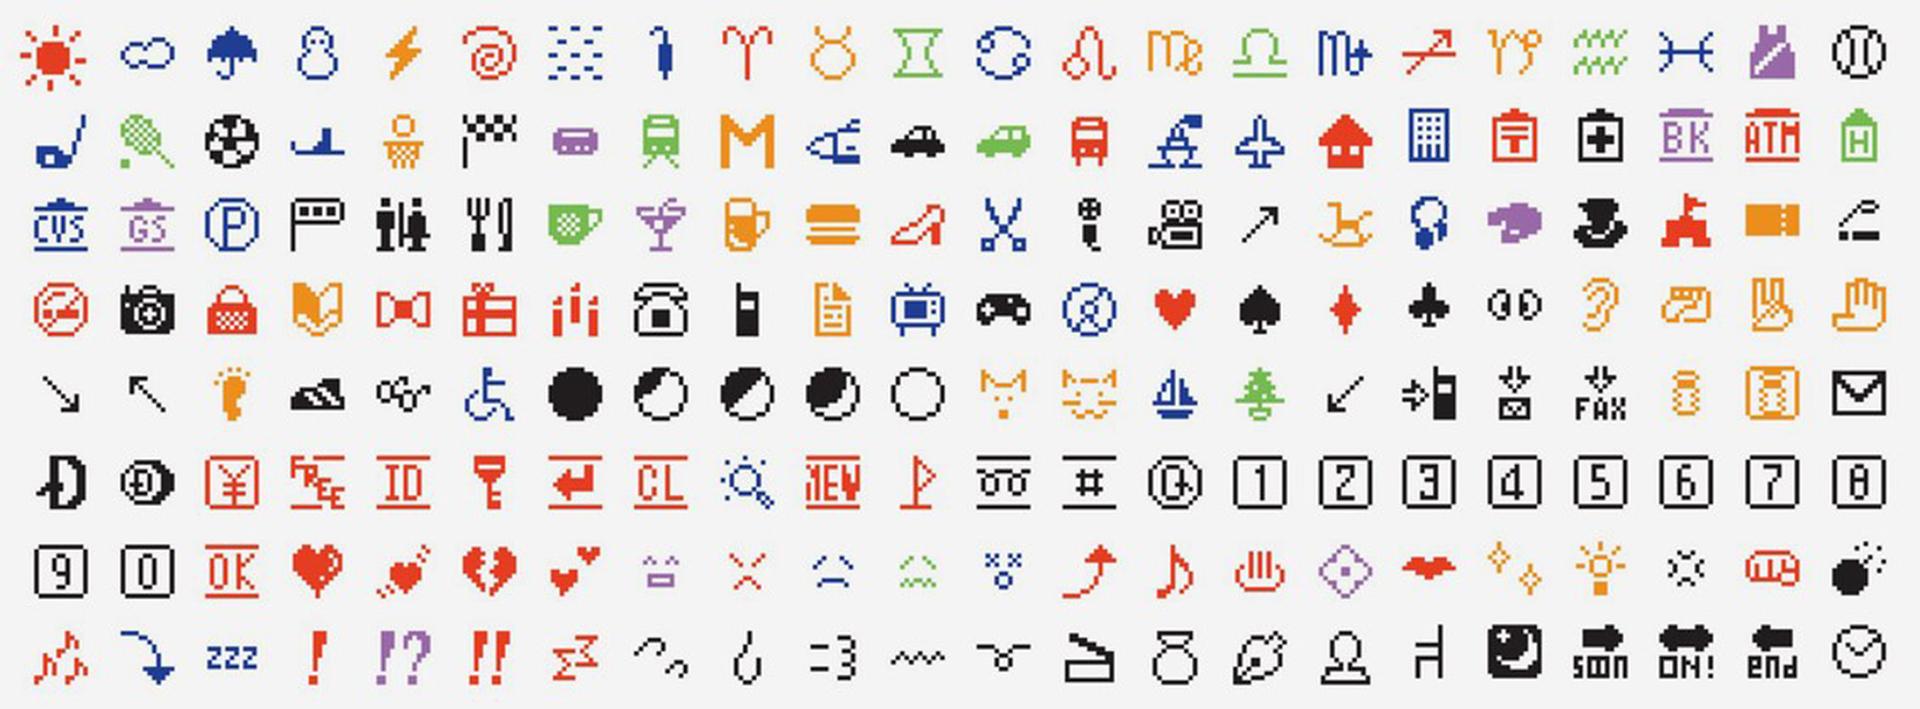 Éstos son los primeros emojis creados